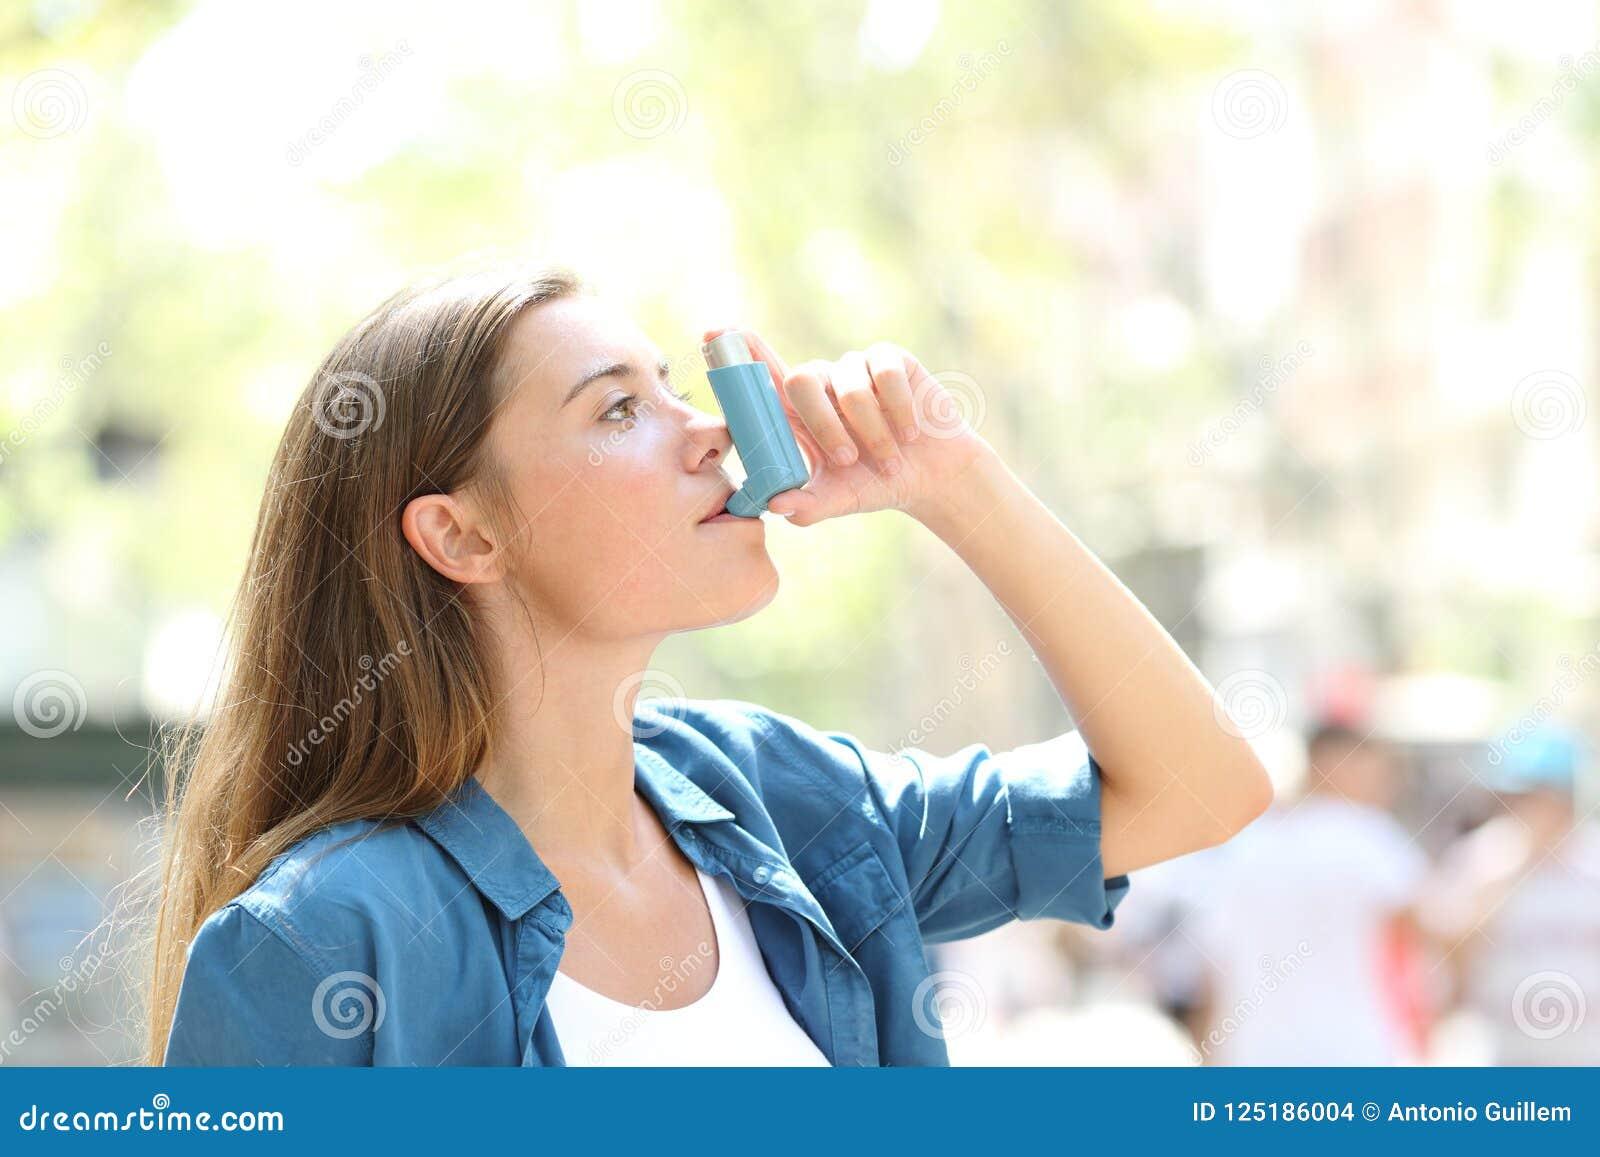 Ασθματική γυναίκα που χρησιμοποιεί inhaler υπαίθρια